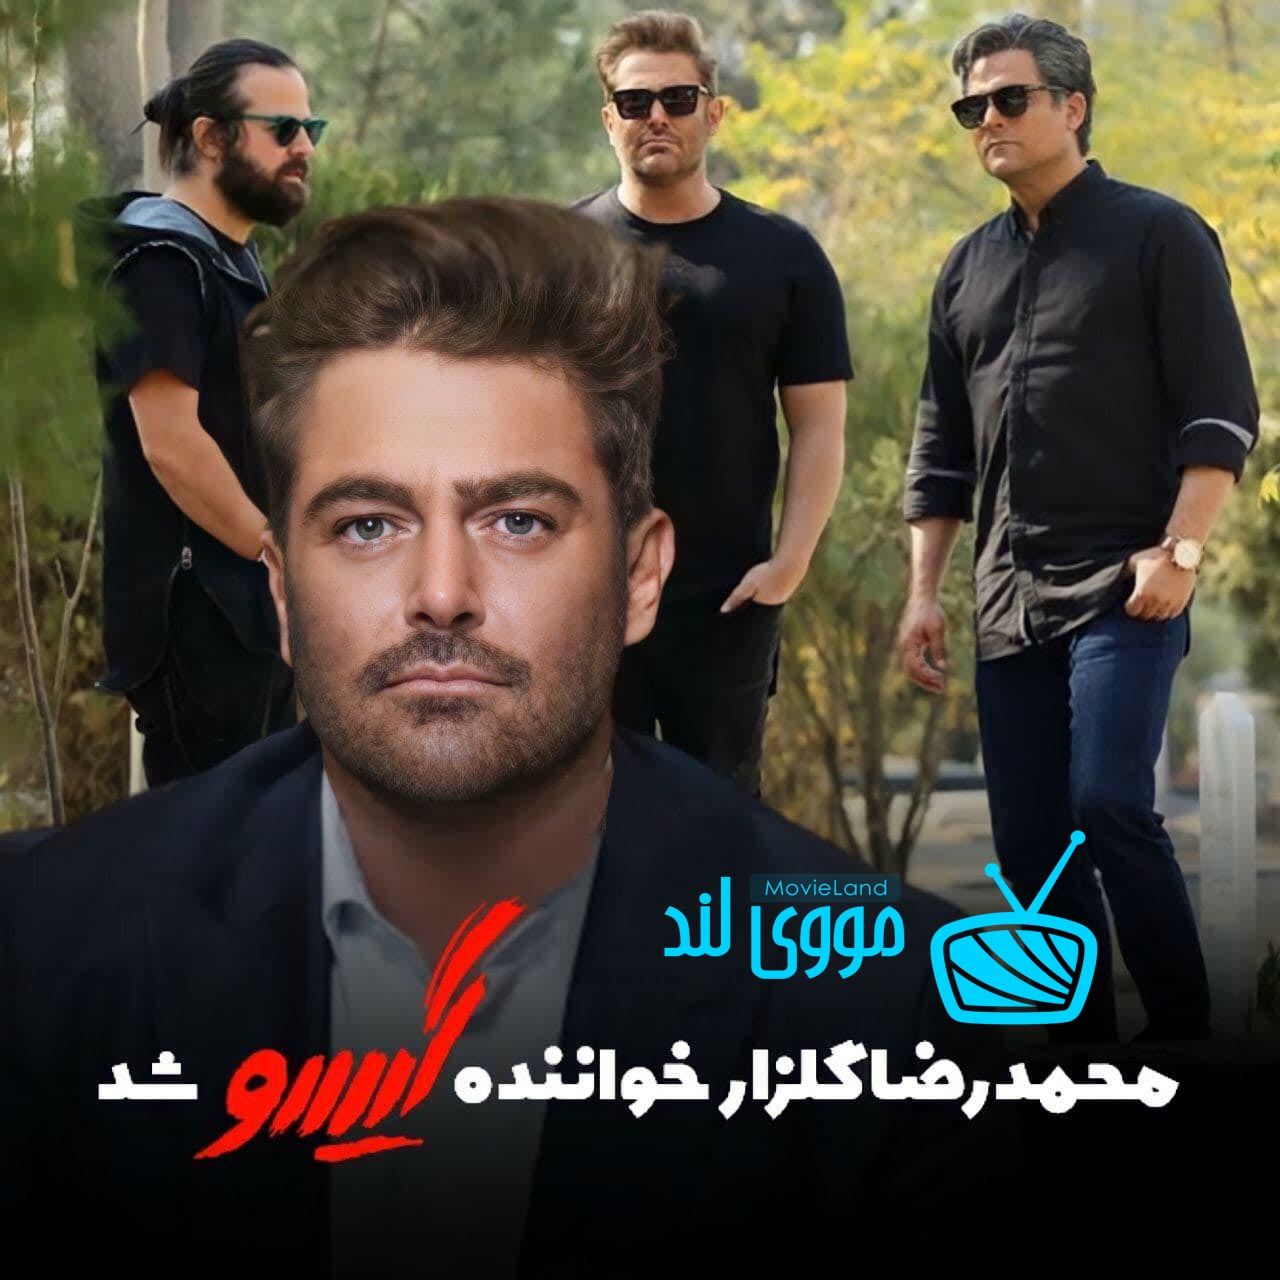 دانلود فیلم جدید – سریال گیسو در مووی لند – فیلم ایرانی و خارجی دوبله + پخش آنلاین